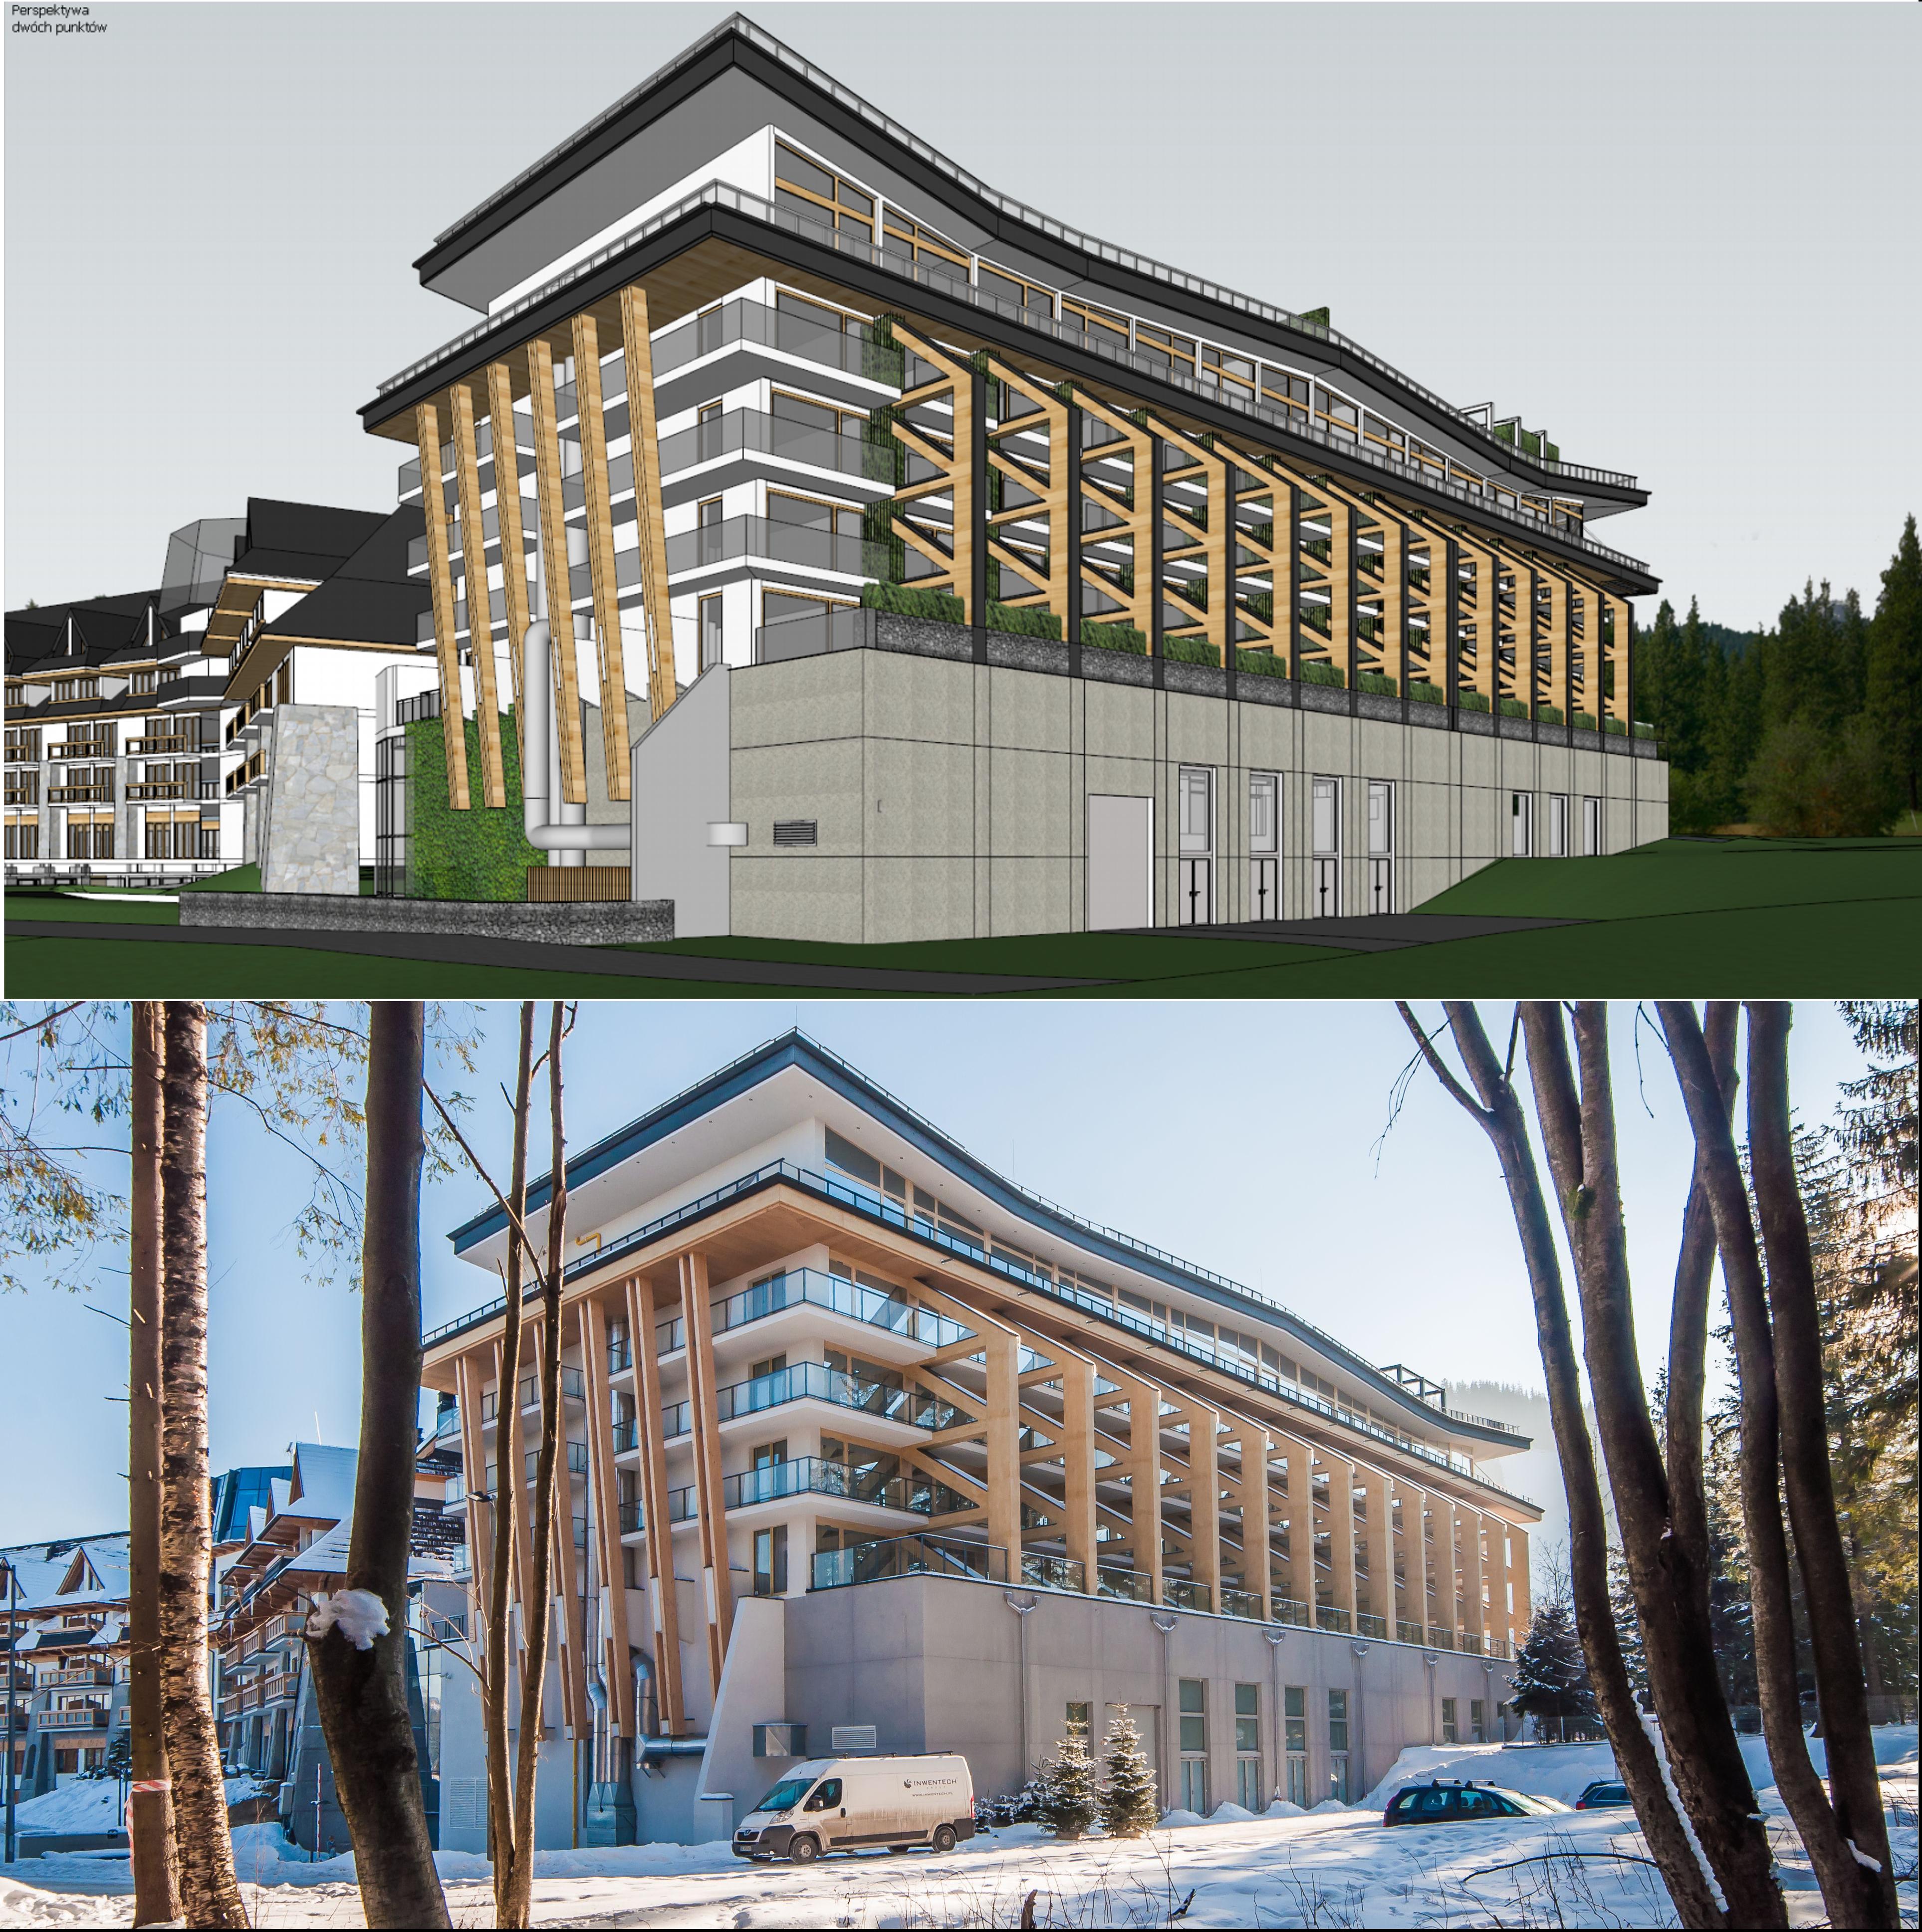 Nosalowy Dwór Resort & SPA - model SketchUp oraz rzeczywista budowla